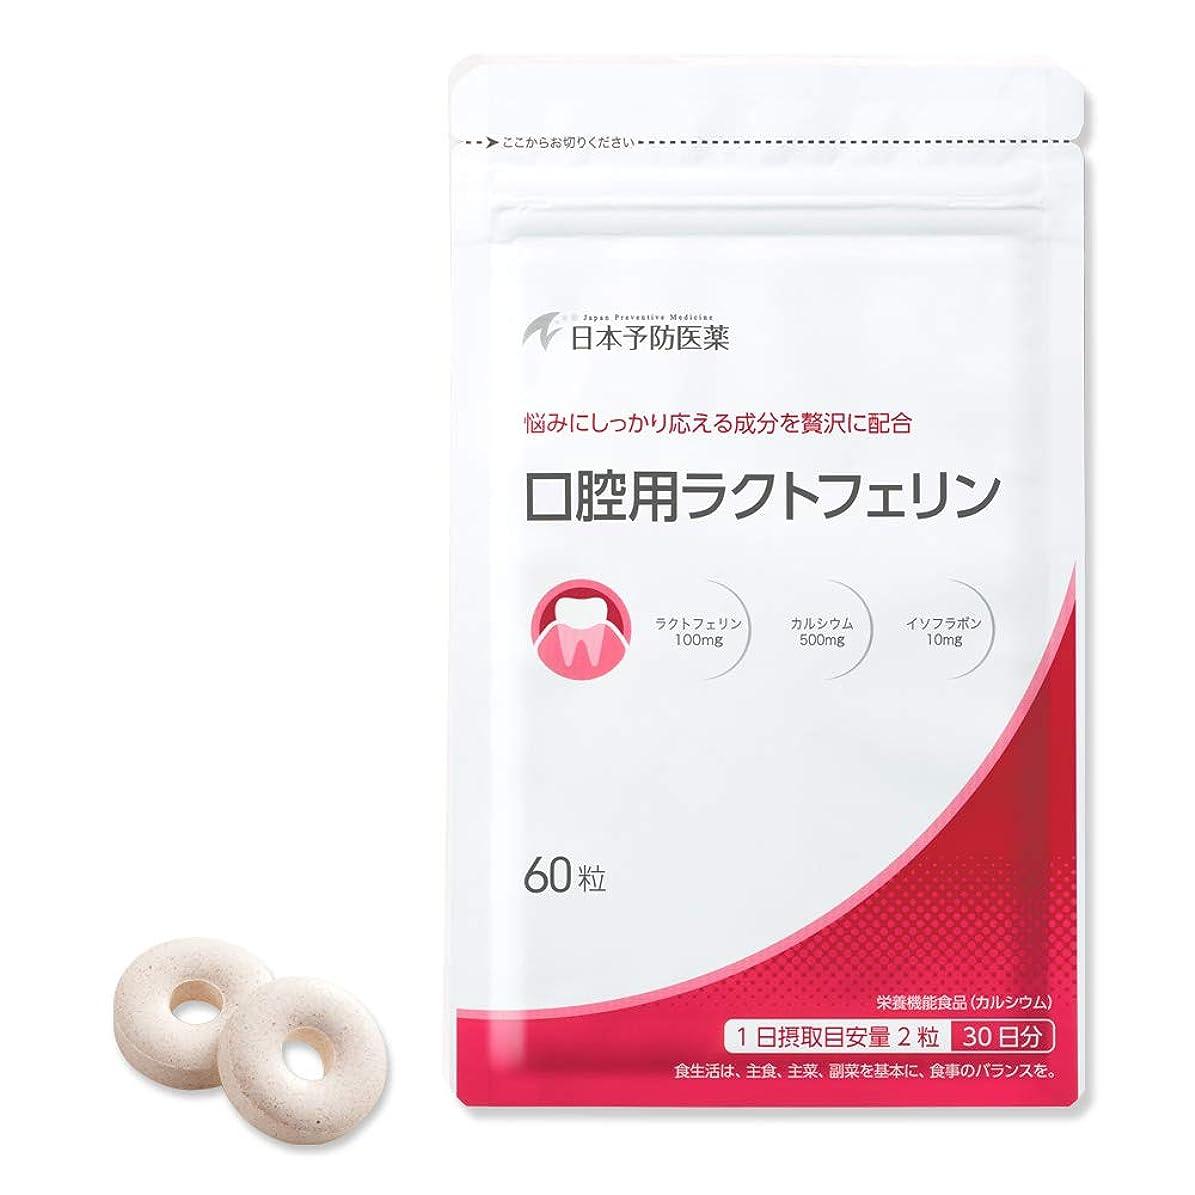 予想するアレンジ夫婦【公式店販売】口腔用ラクトフェリン 60粒入(30日分)日本予防医薬